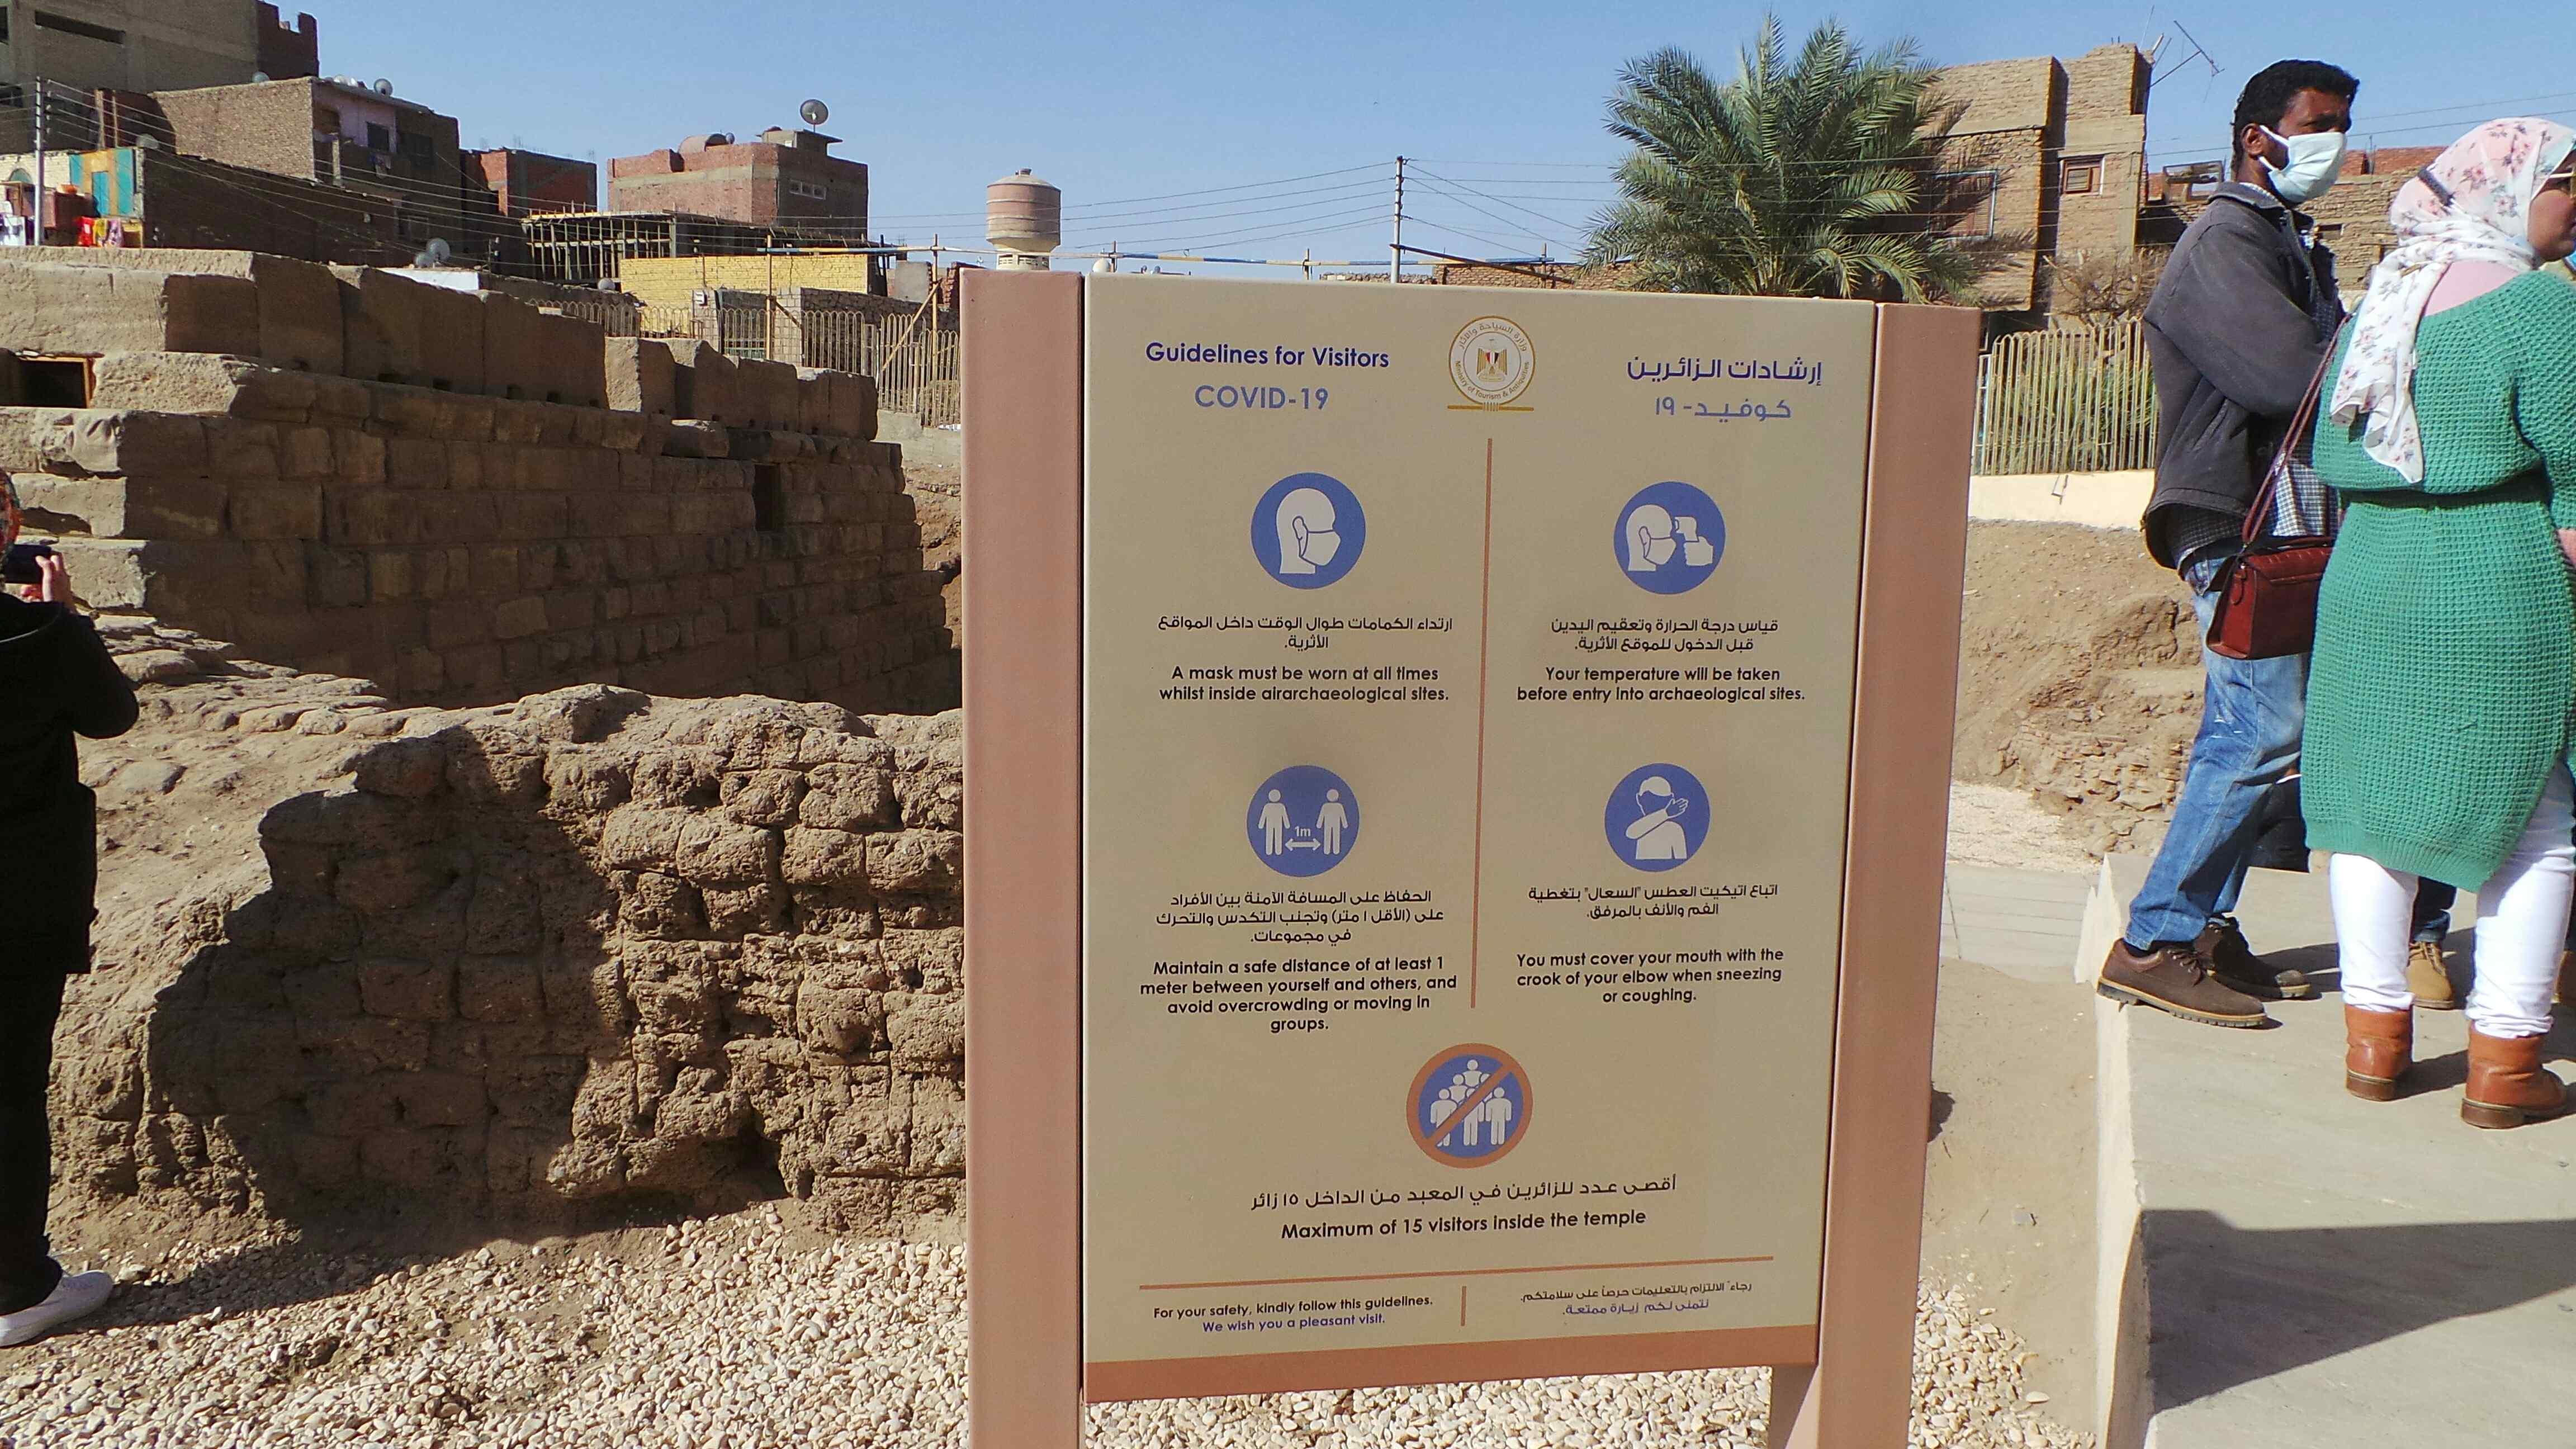 معبد إيزيس بعد افتتاحه بمناسبة عيد أسوان (15)